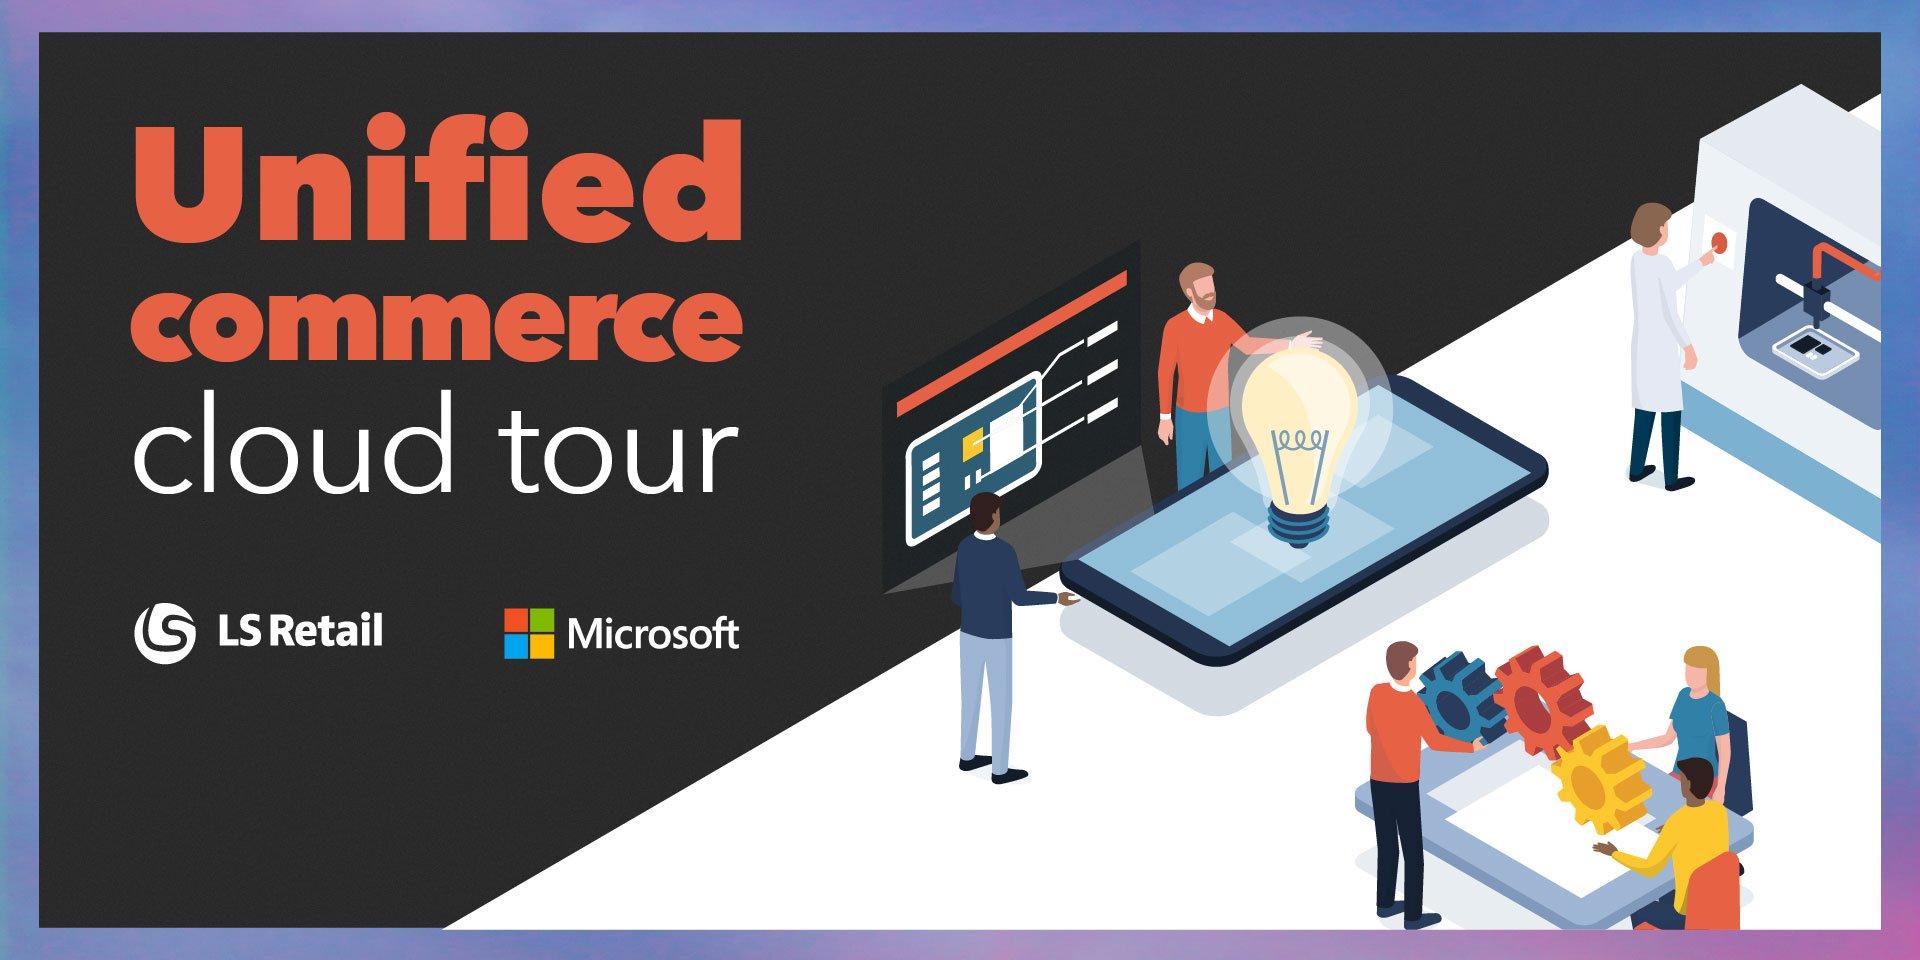 EVENT_Unified-commerce-cloud-tour-2020